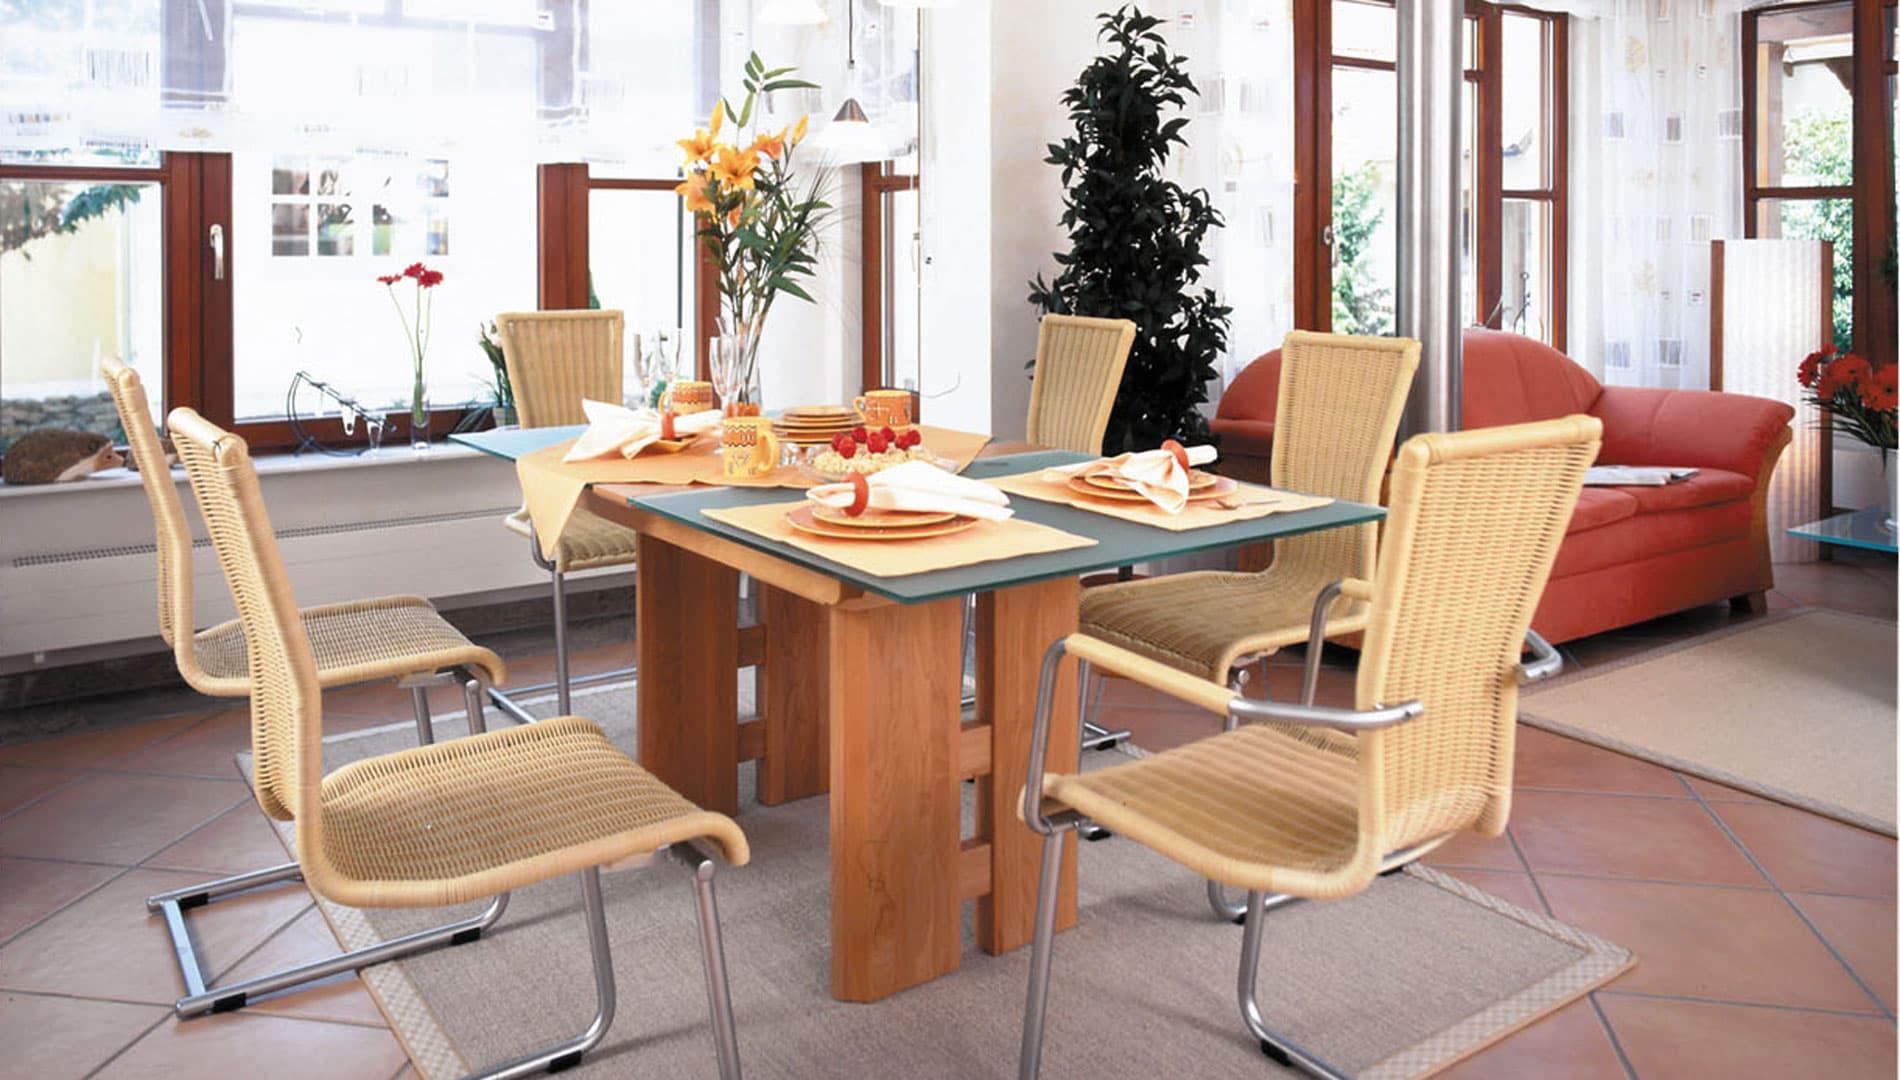 Fertighaus weiss musterhaus family classic in fellbach - Esszimmer stuttgart ...